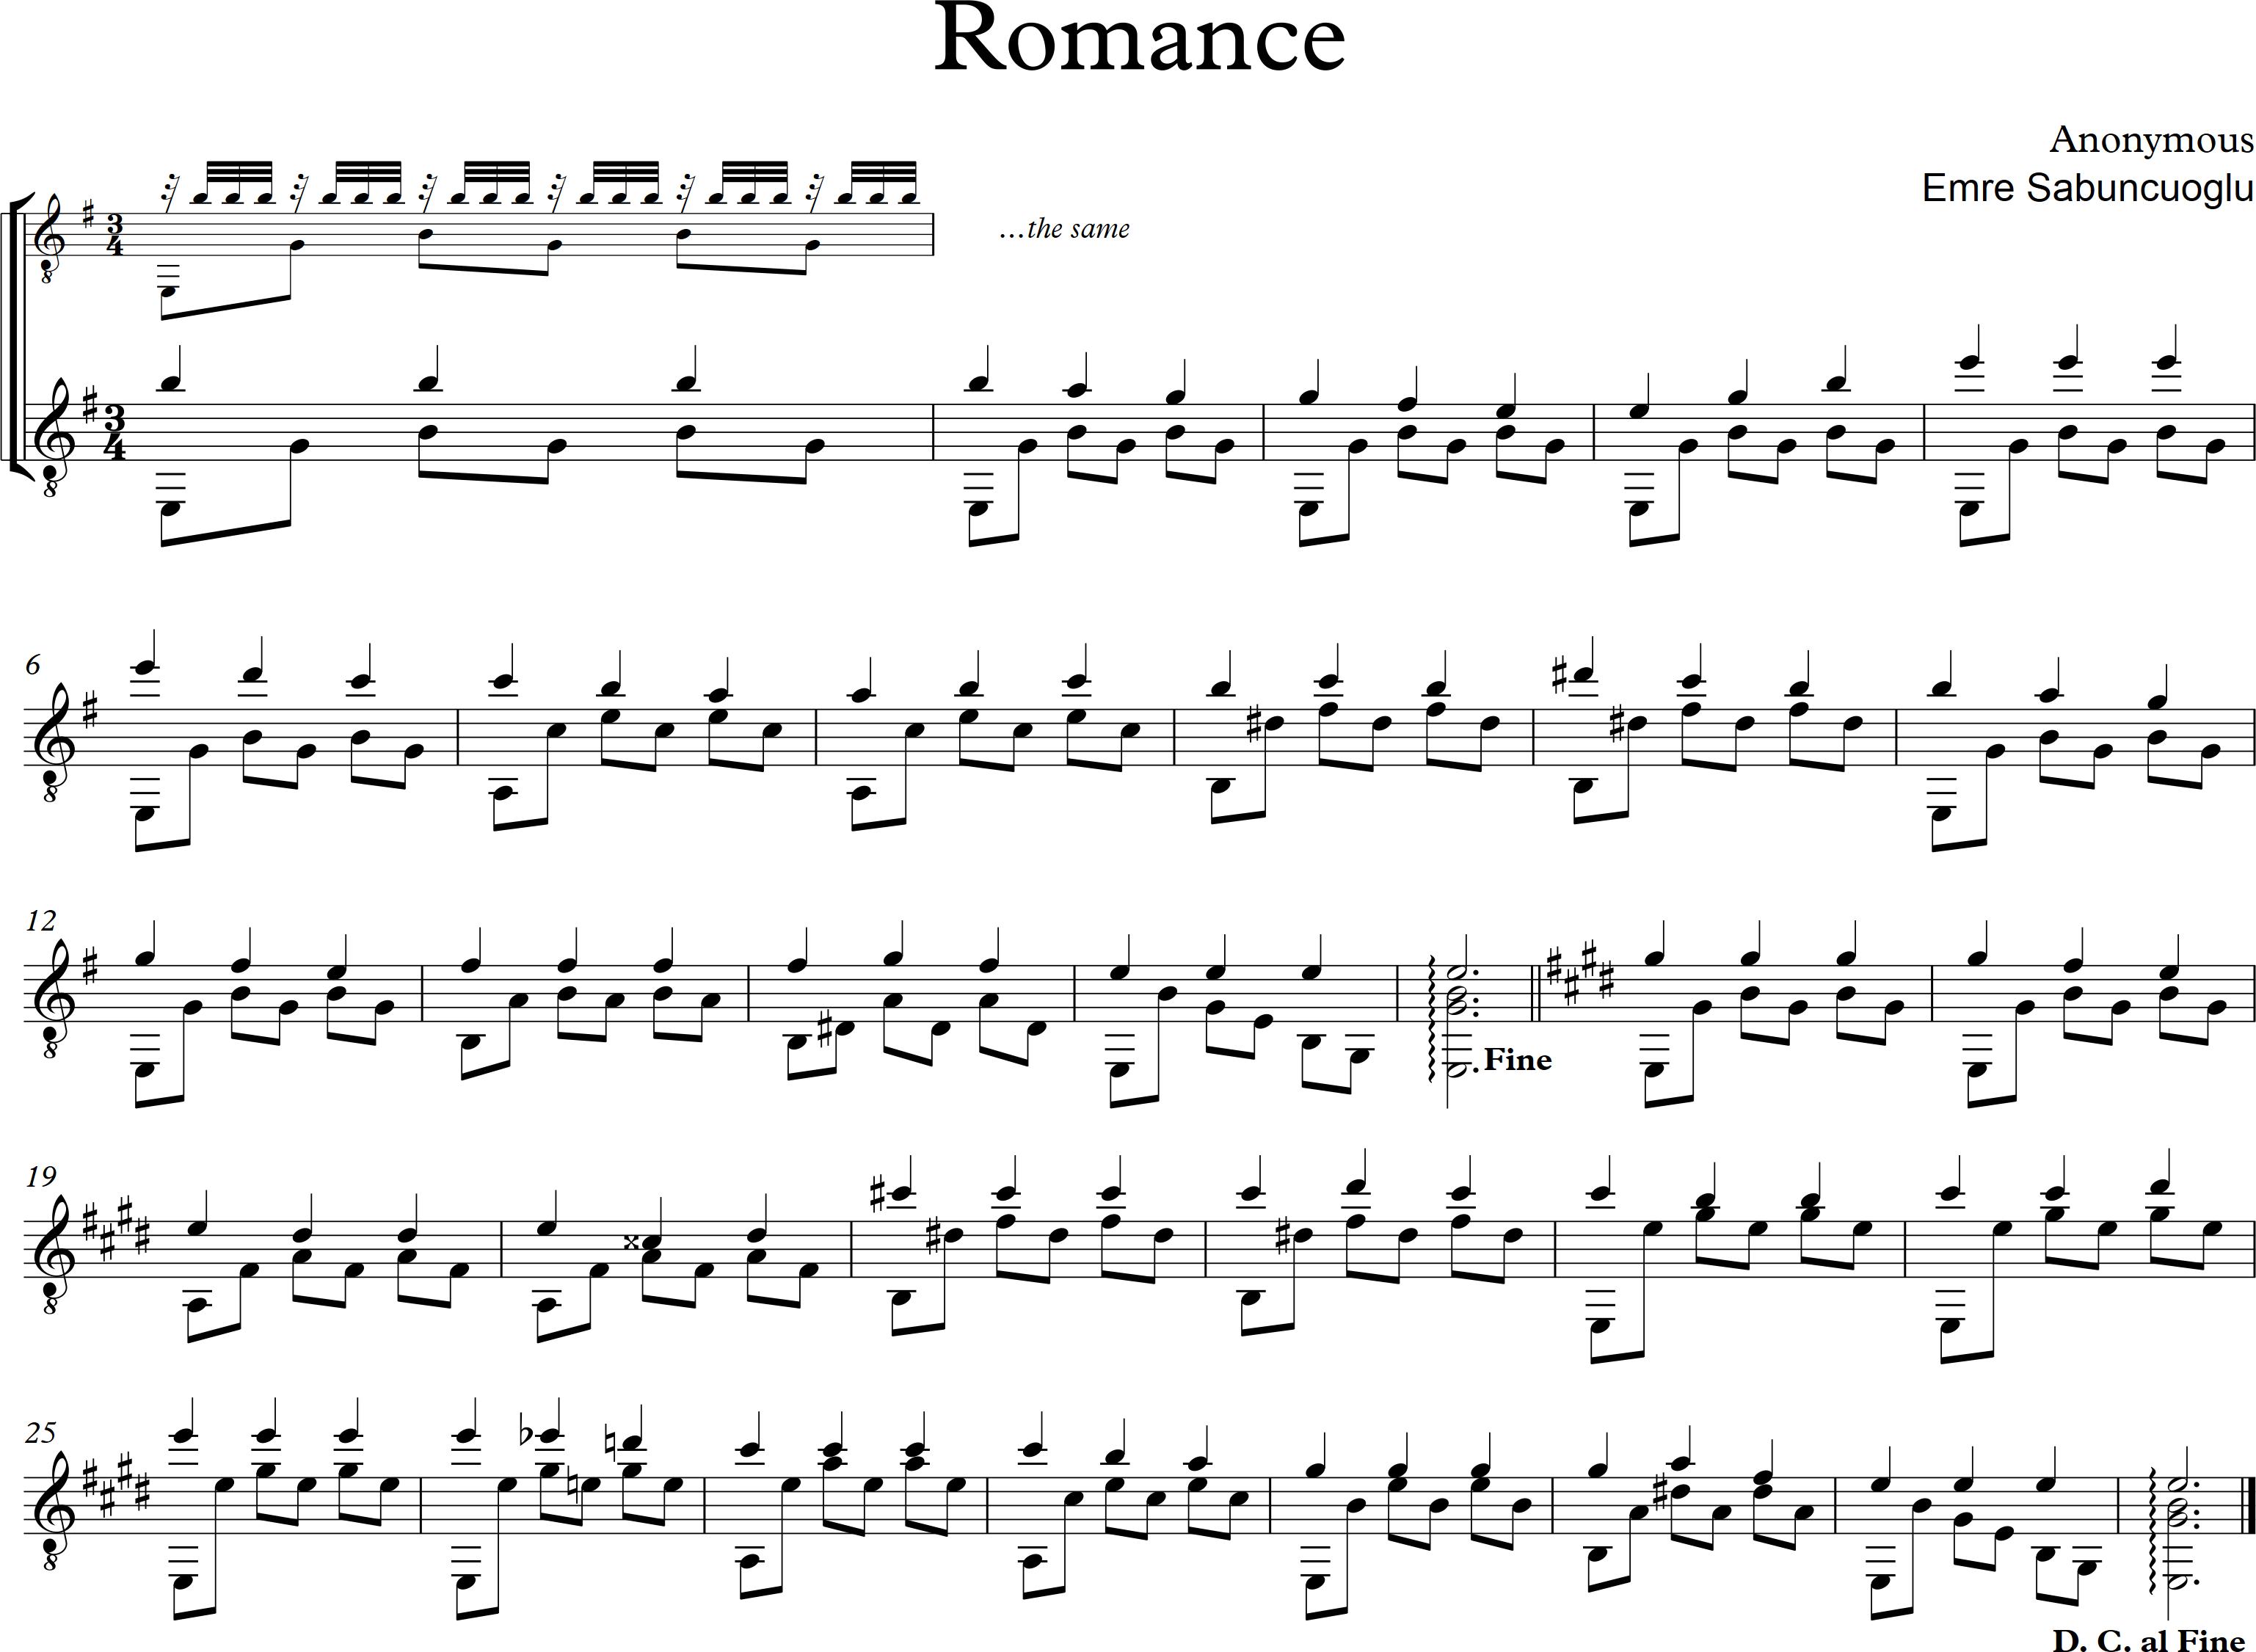 Romance - tremolo